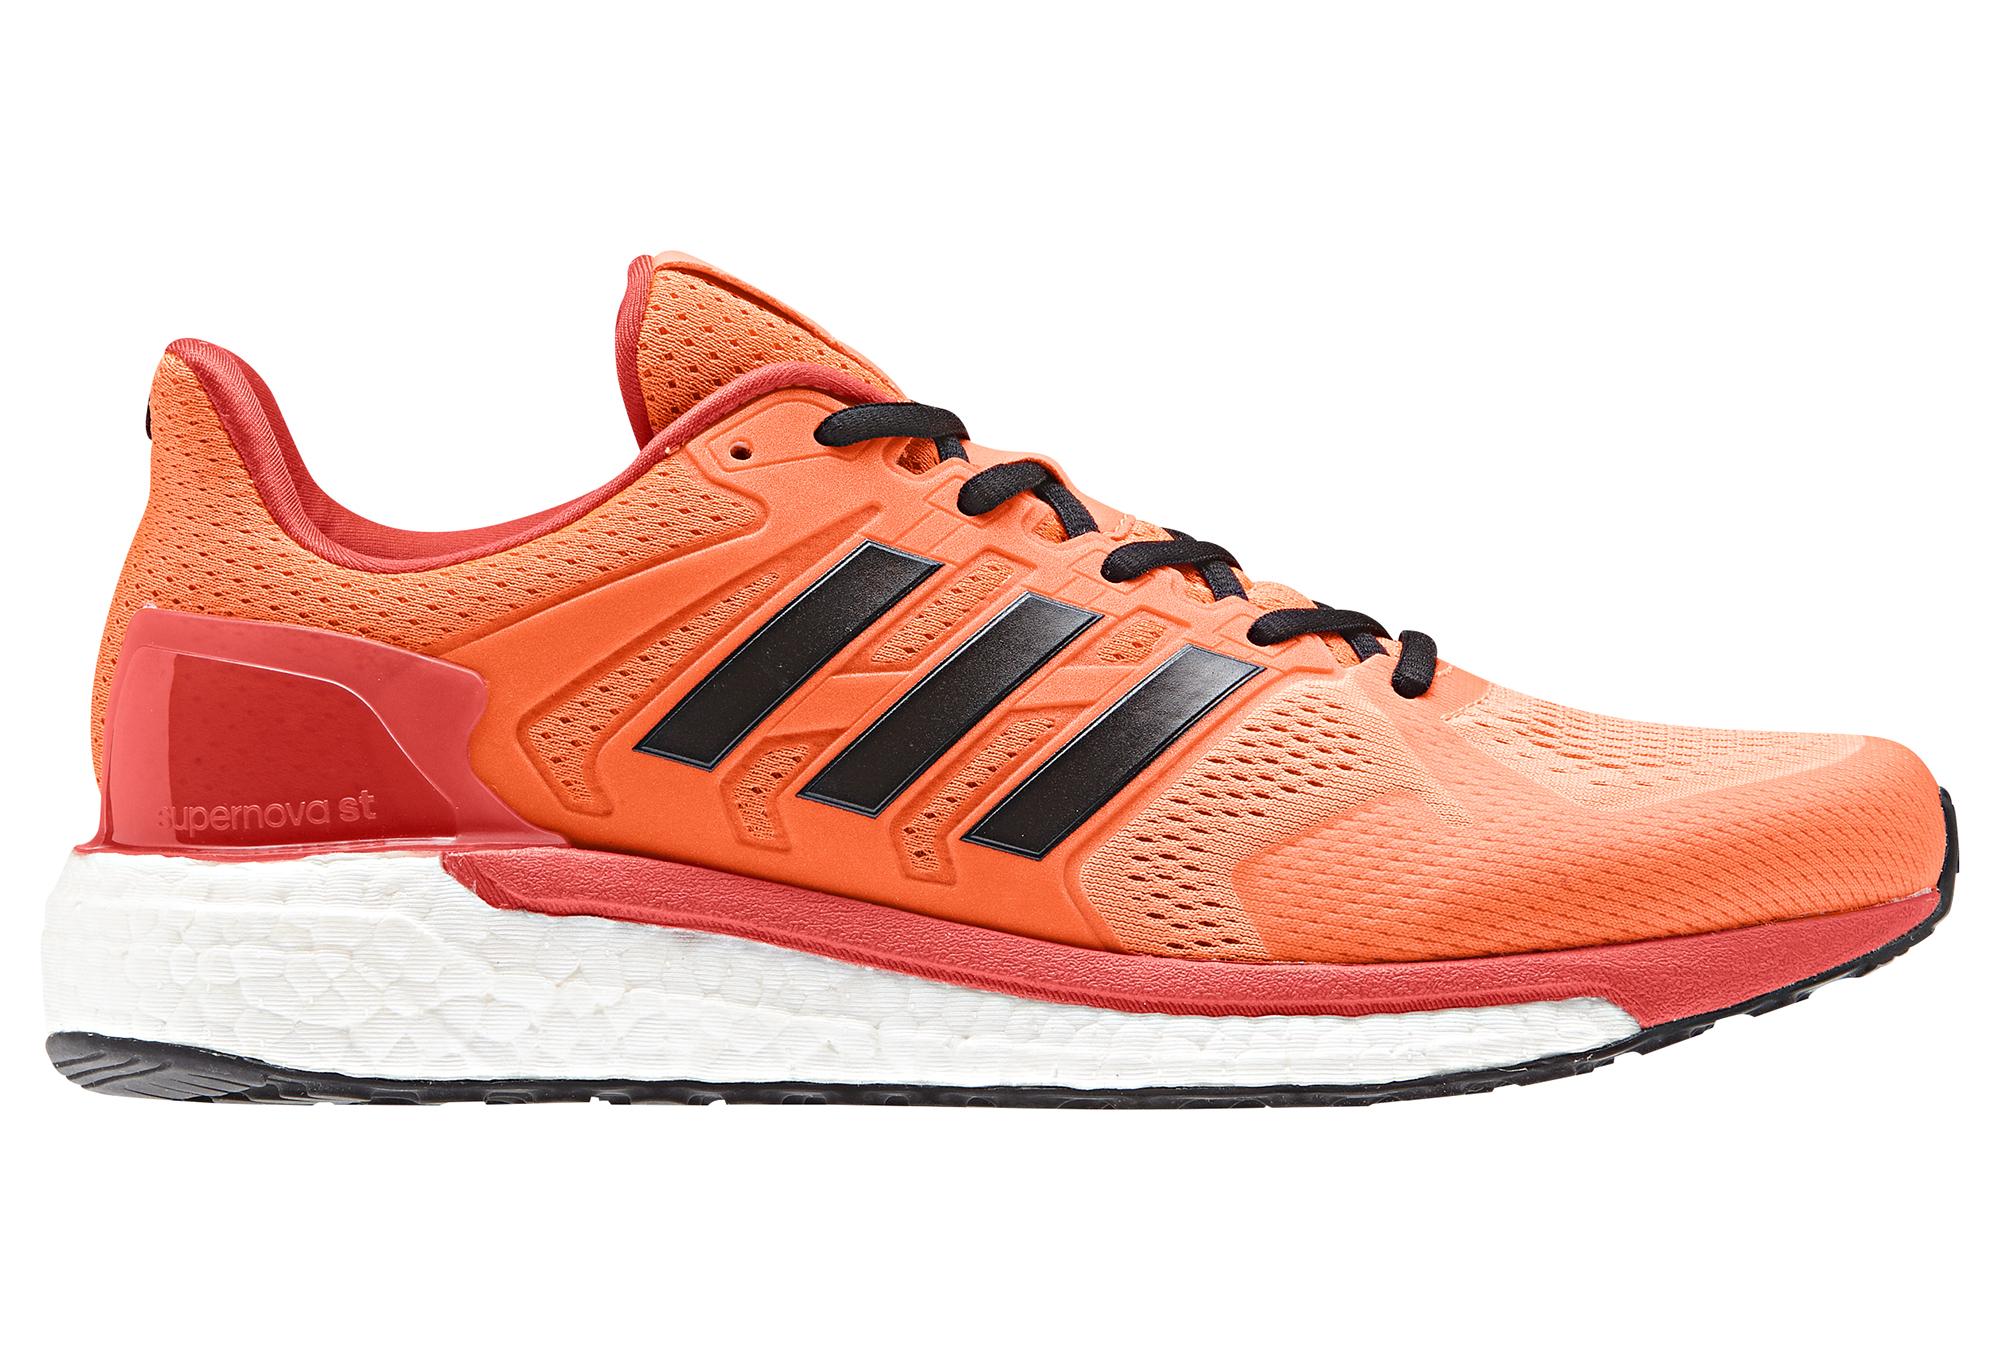 check out 0bb7f 11976 Promotion de groupe adidas running orange.Dédié à économiser de l argent -  www.stronycms.eu